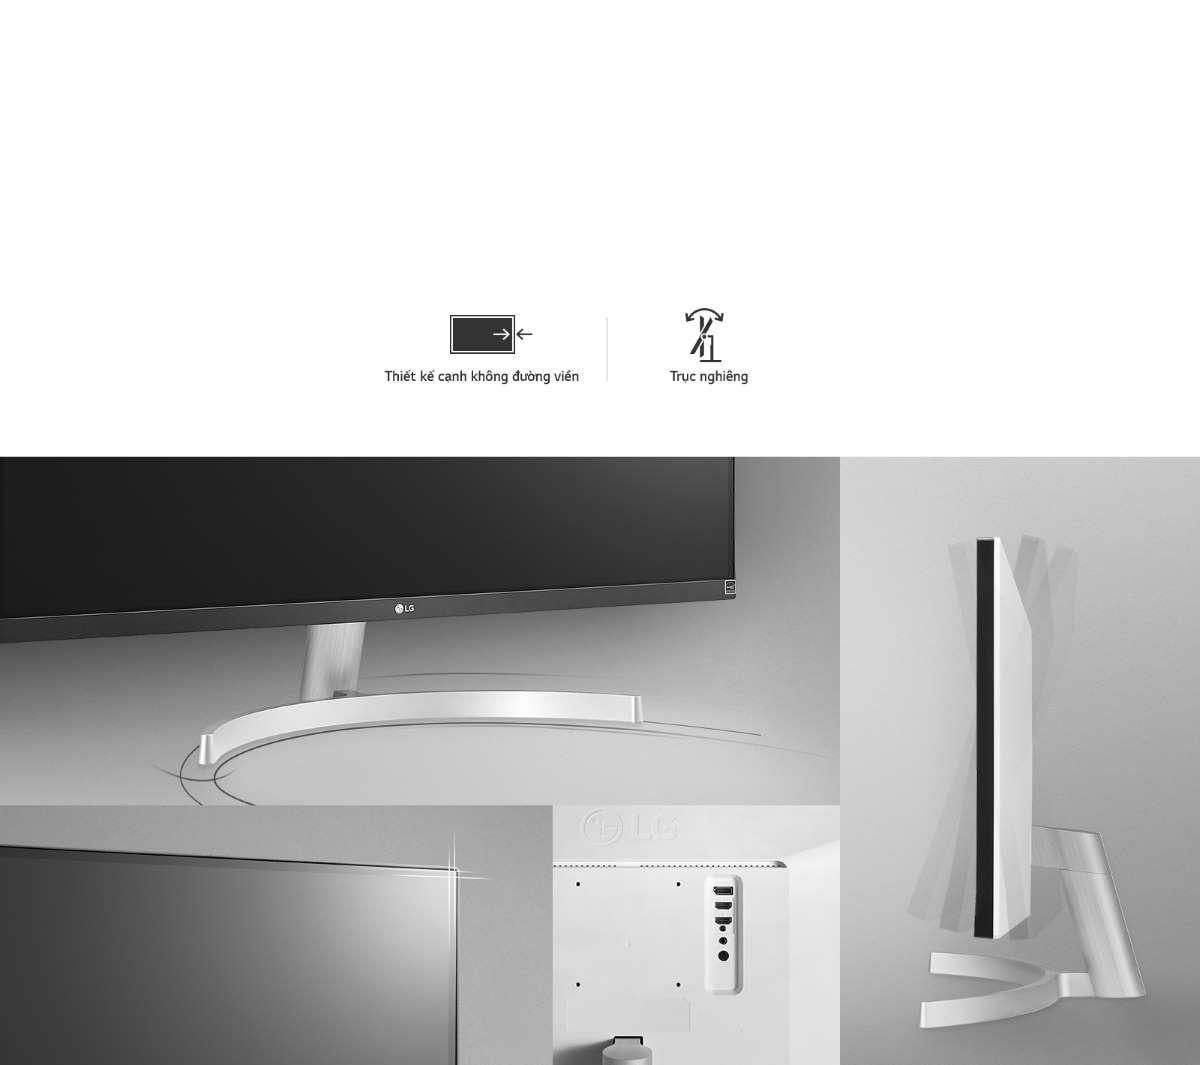 Màn hình LG 29WN600-W thiết kế thuận tiện